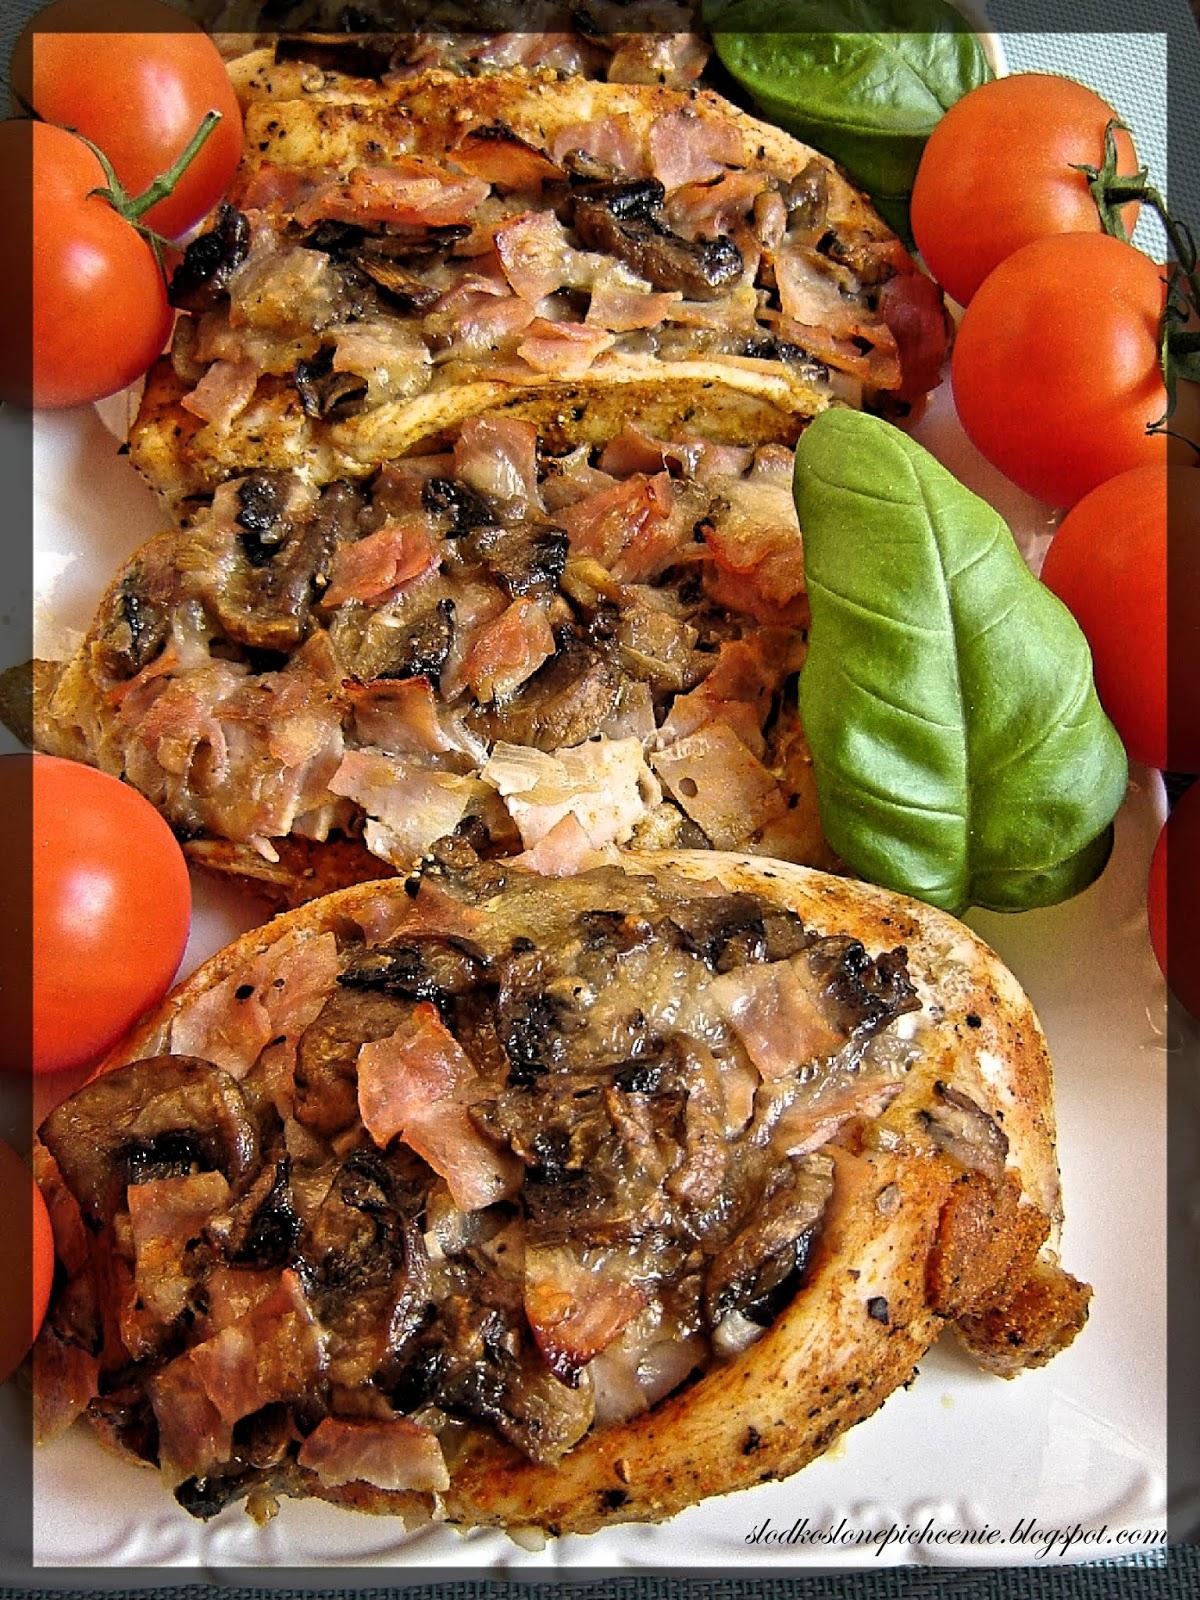 Piersi z kurczaka faszerowane pieczarkami, szynką i mozzarellą